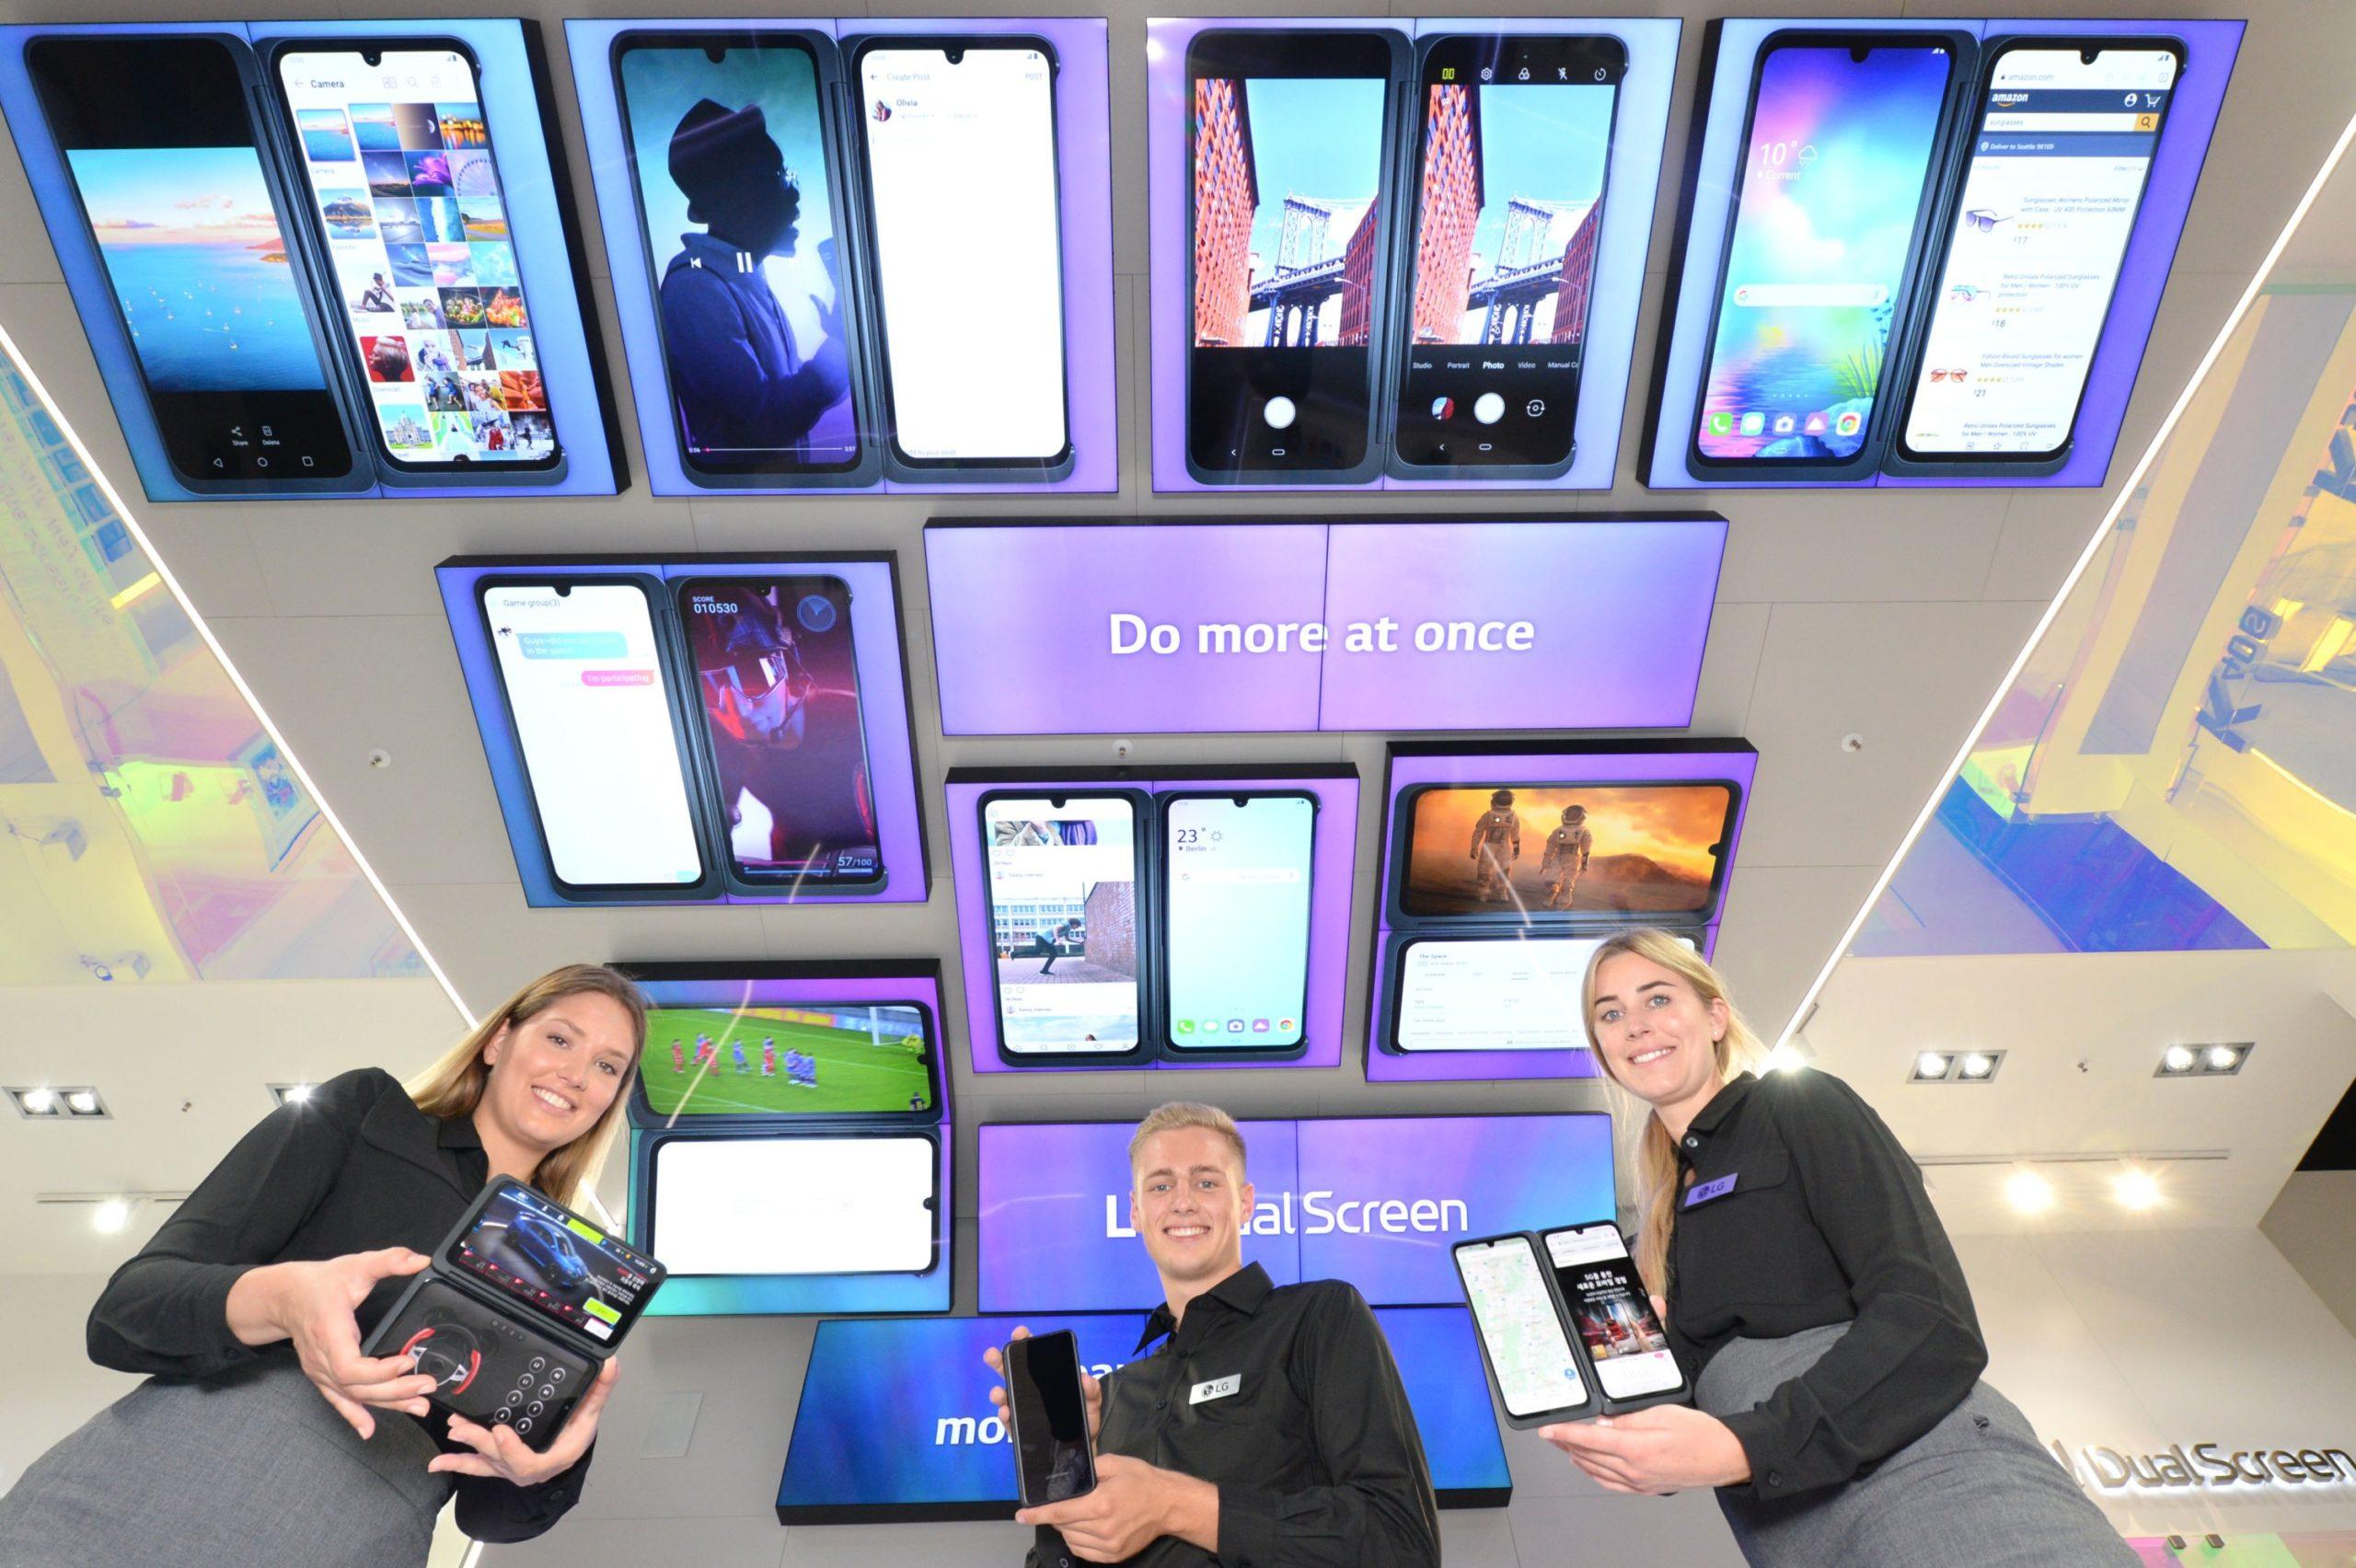 Faites en plus avec le nouveau téléphone portable à double écran G8X de LG!